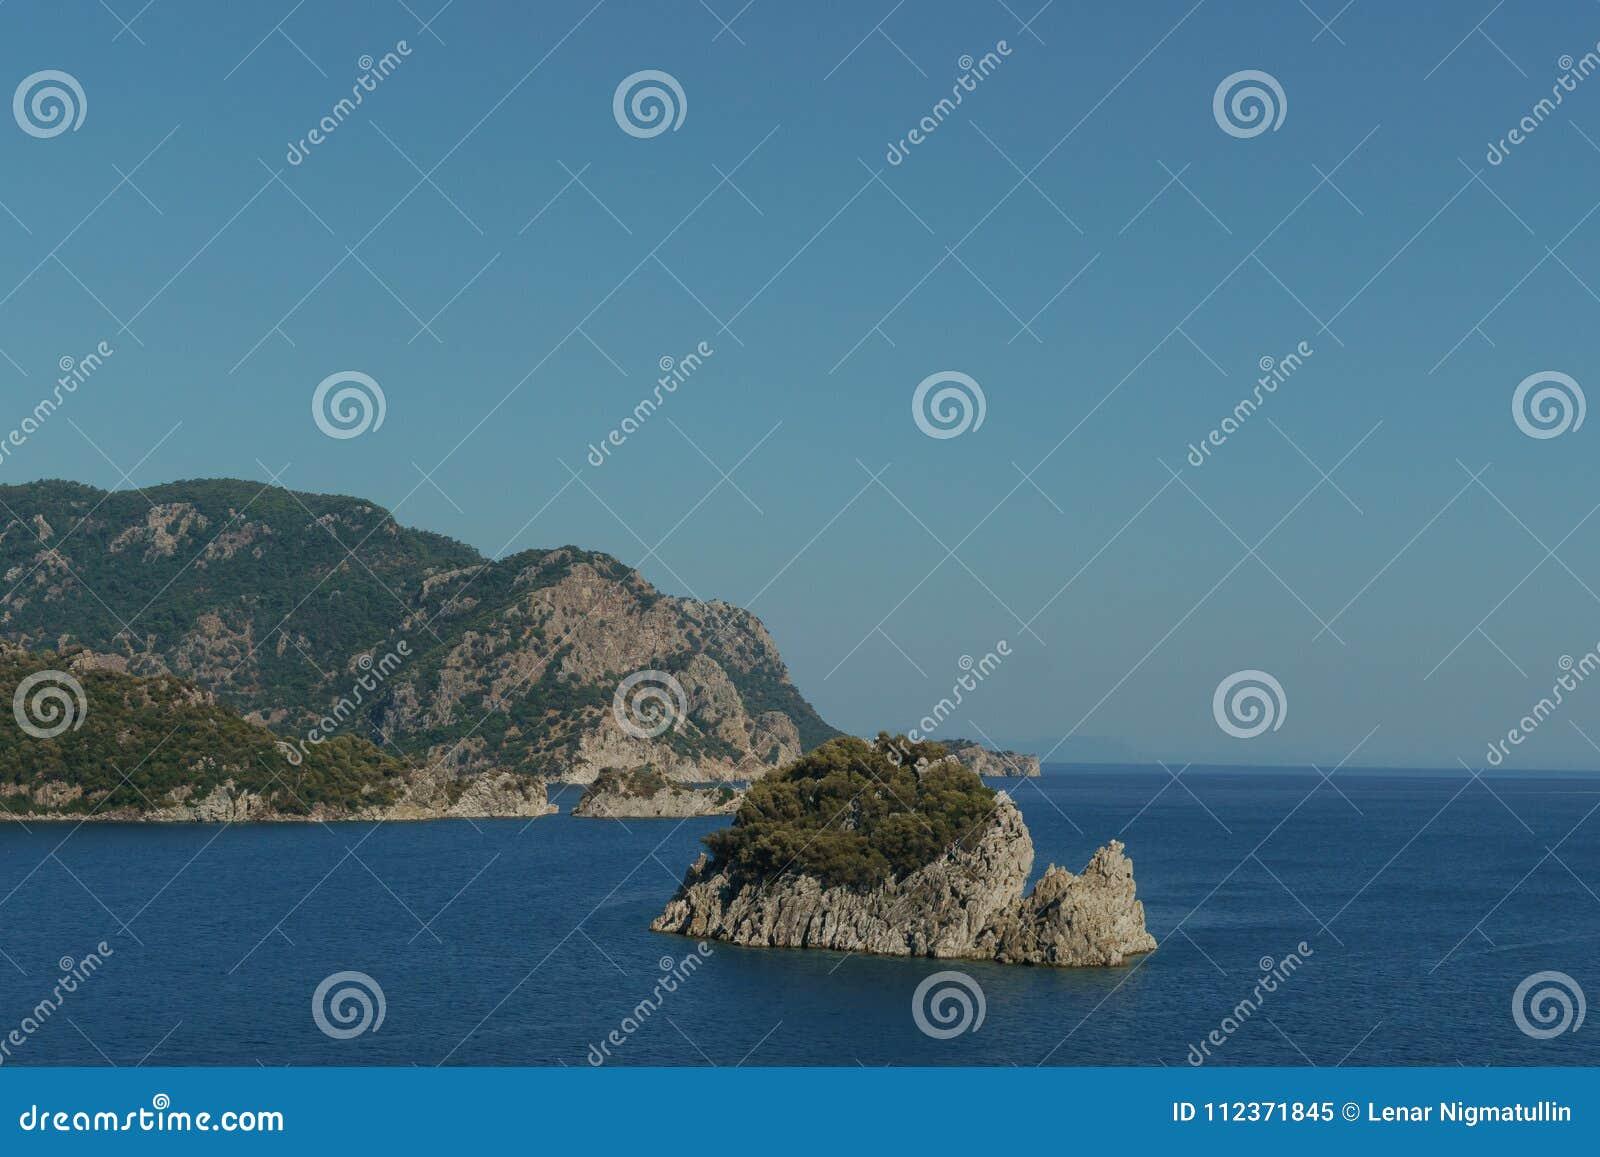 Rocky seashore, island in clear weather